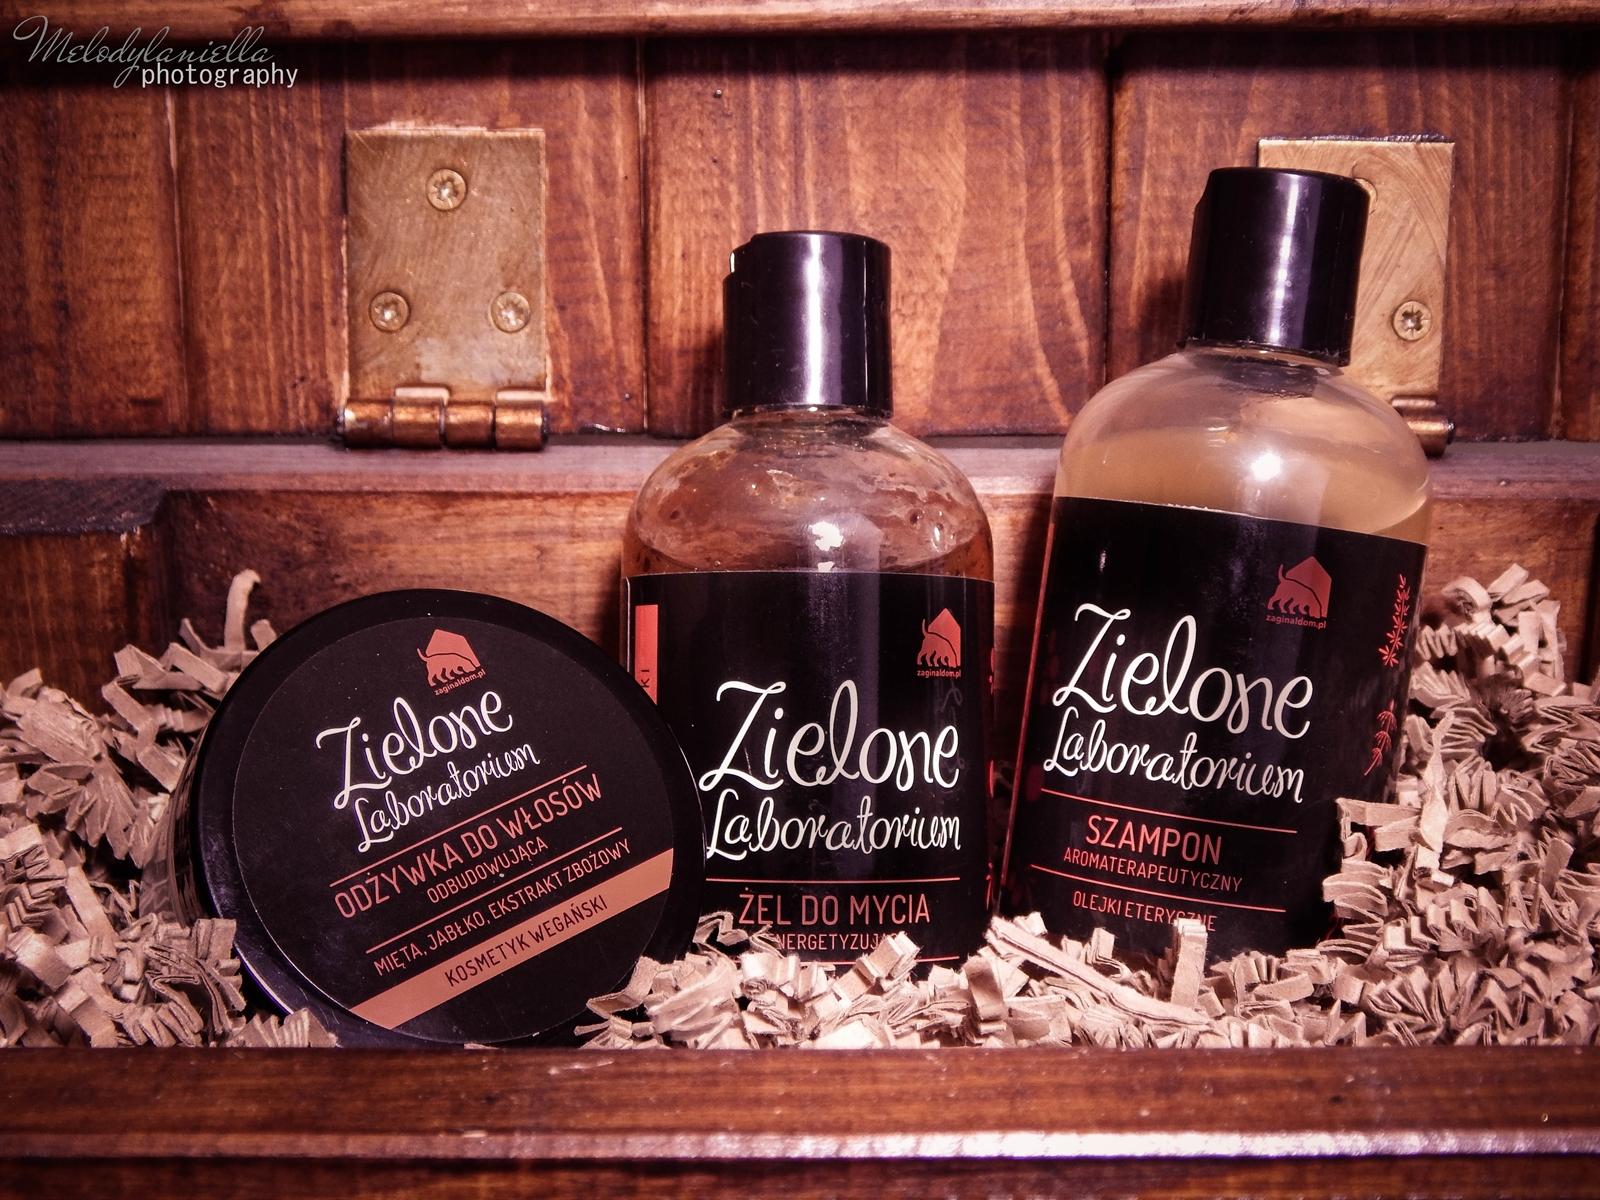 zielone laboratorium odżywka do włosów odbudowująca kosmetyki wegańskie żel do mycia szampon aromaterapeutyczny kosmetyki o mocnych zapachach olejki eteryczne kosmetyki naturalne melodylaniella